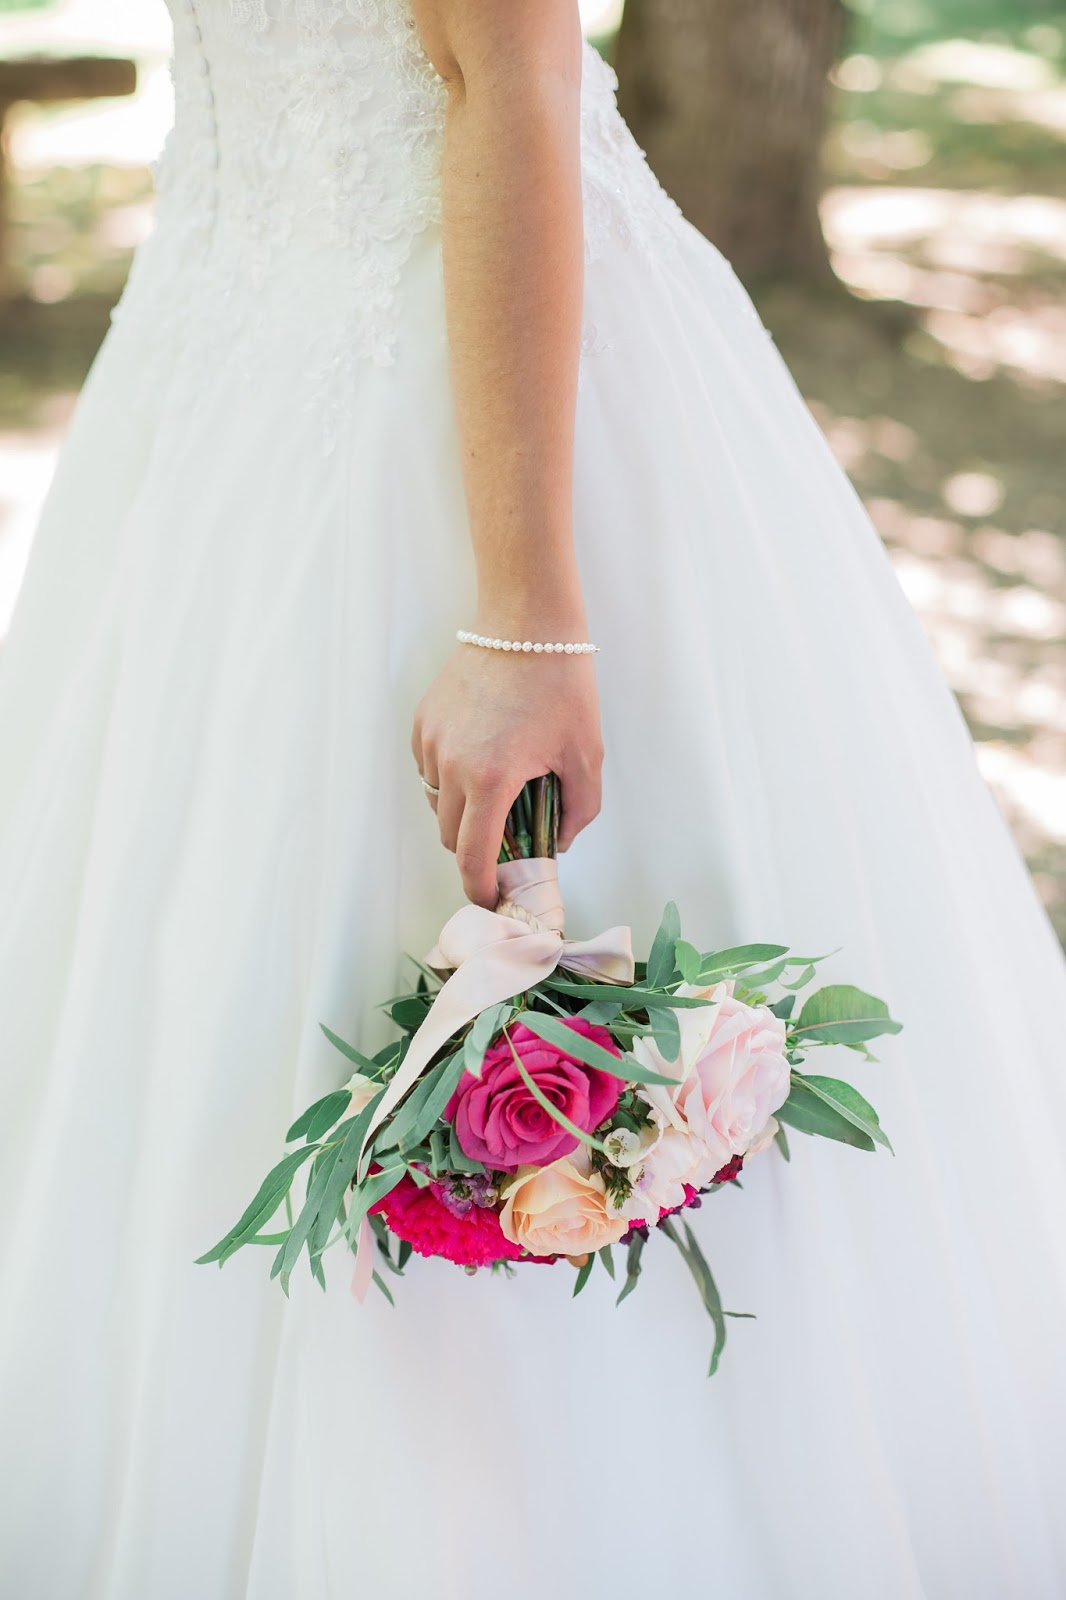 la petite boutique de fleurs fleuriste mariage lyon fleuriste mariage rh ne septembre 2016. Black Bedroom Furniture Sets. Home Design Ideas